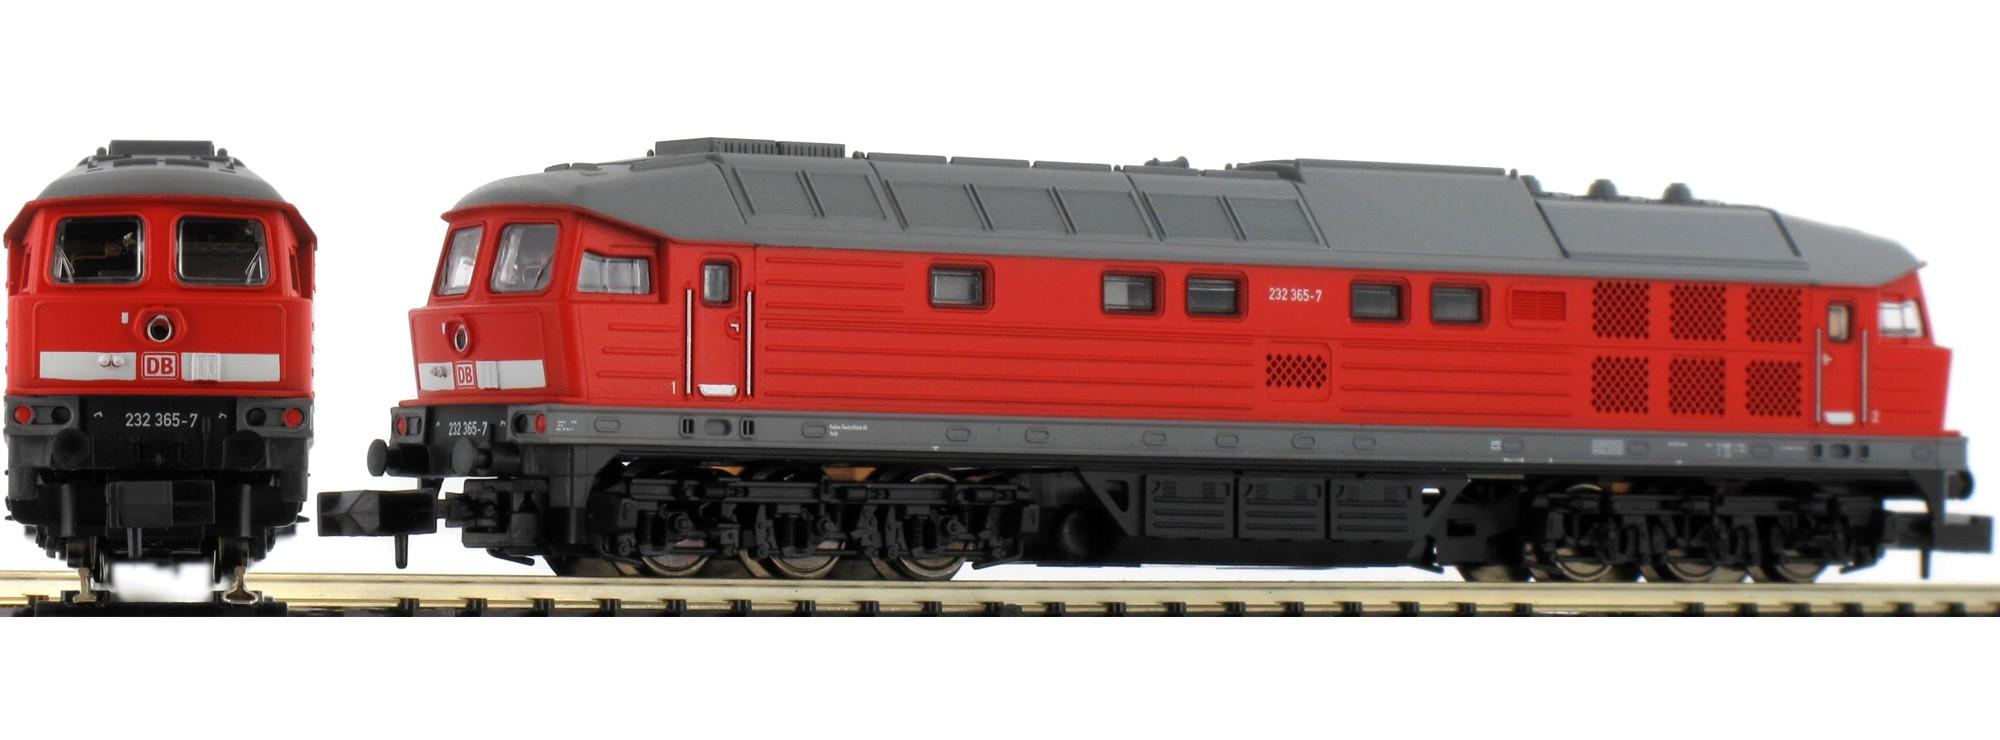 N Scale - Minitrix - 16233 - Locomotive, Diesel, DR 130 - Deutsche Reichsbahn (East Germany) - 232 365-7